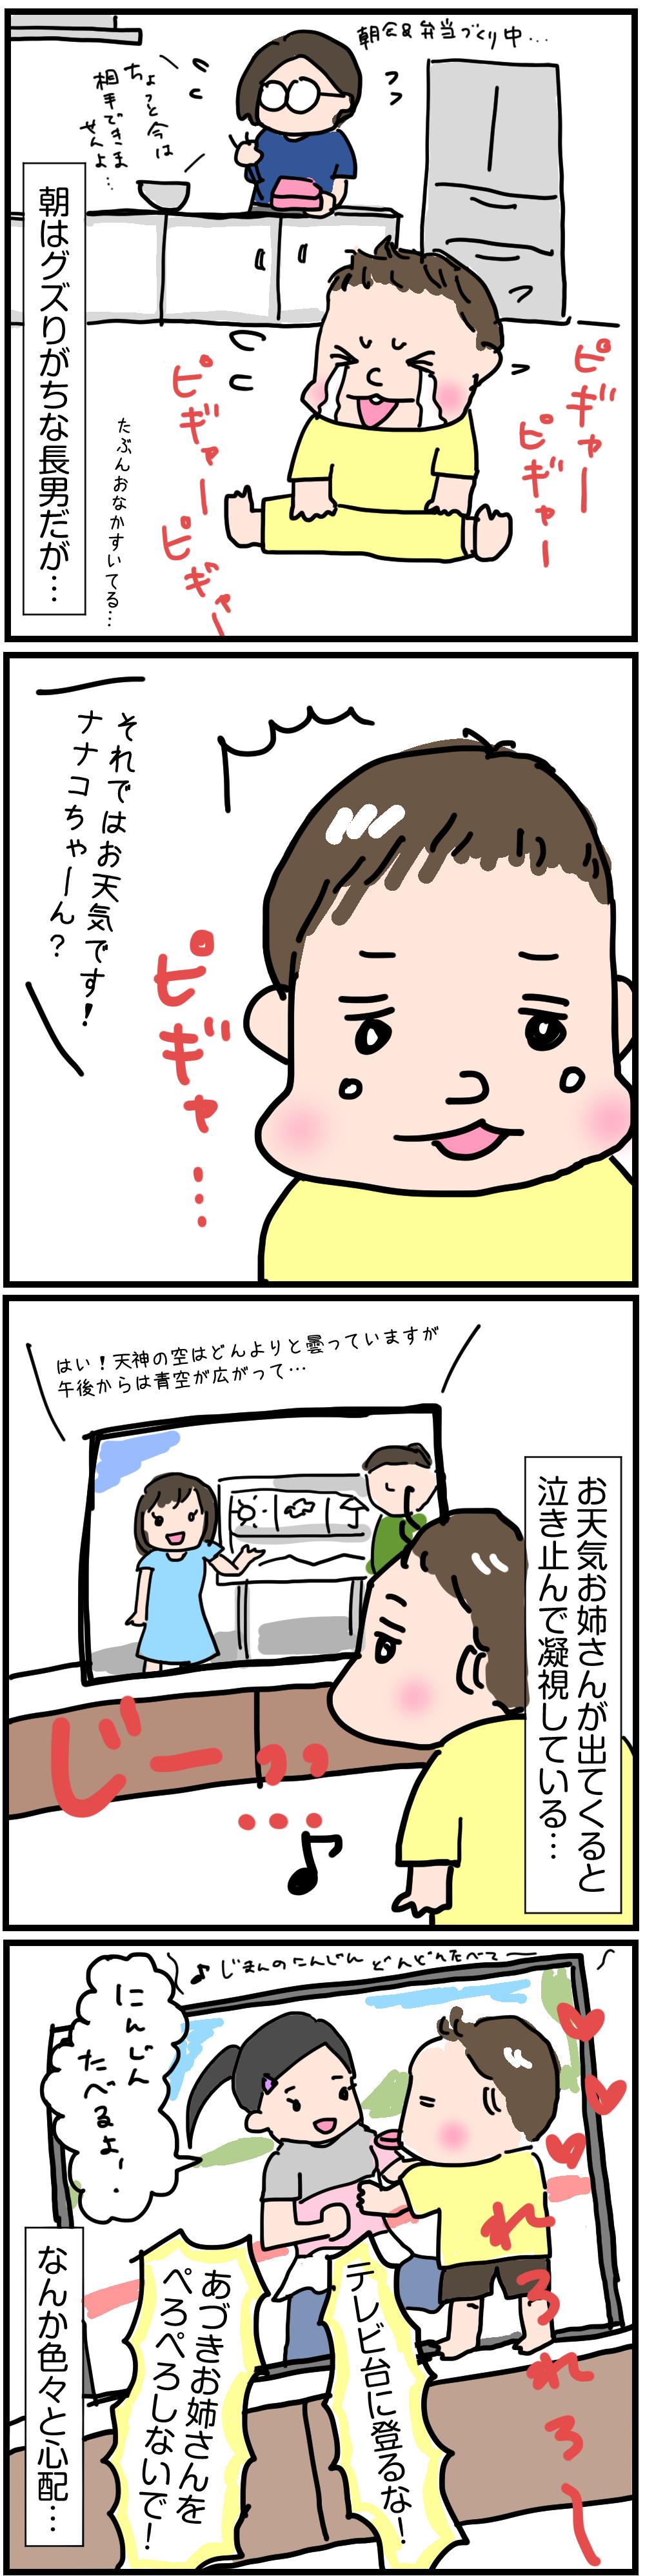 女好き?1歳の長男の漫画